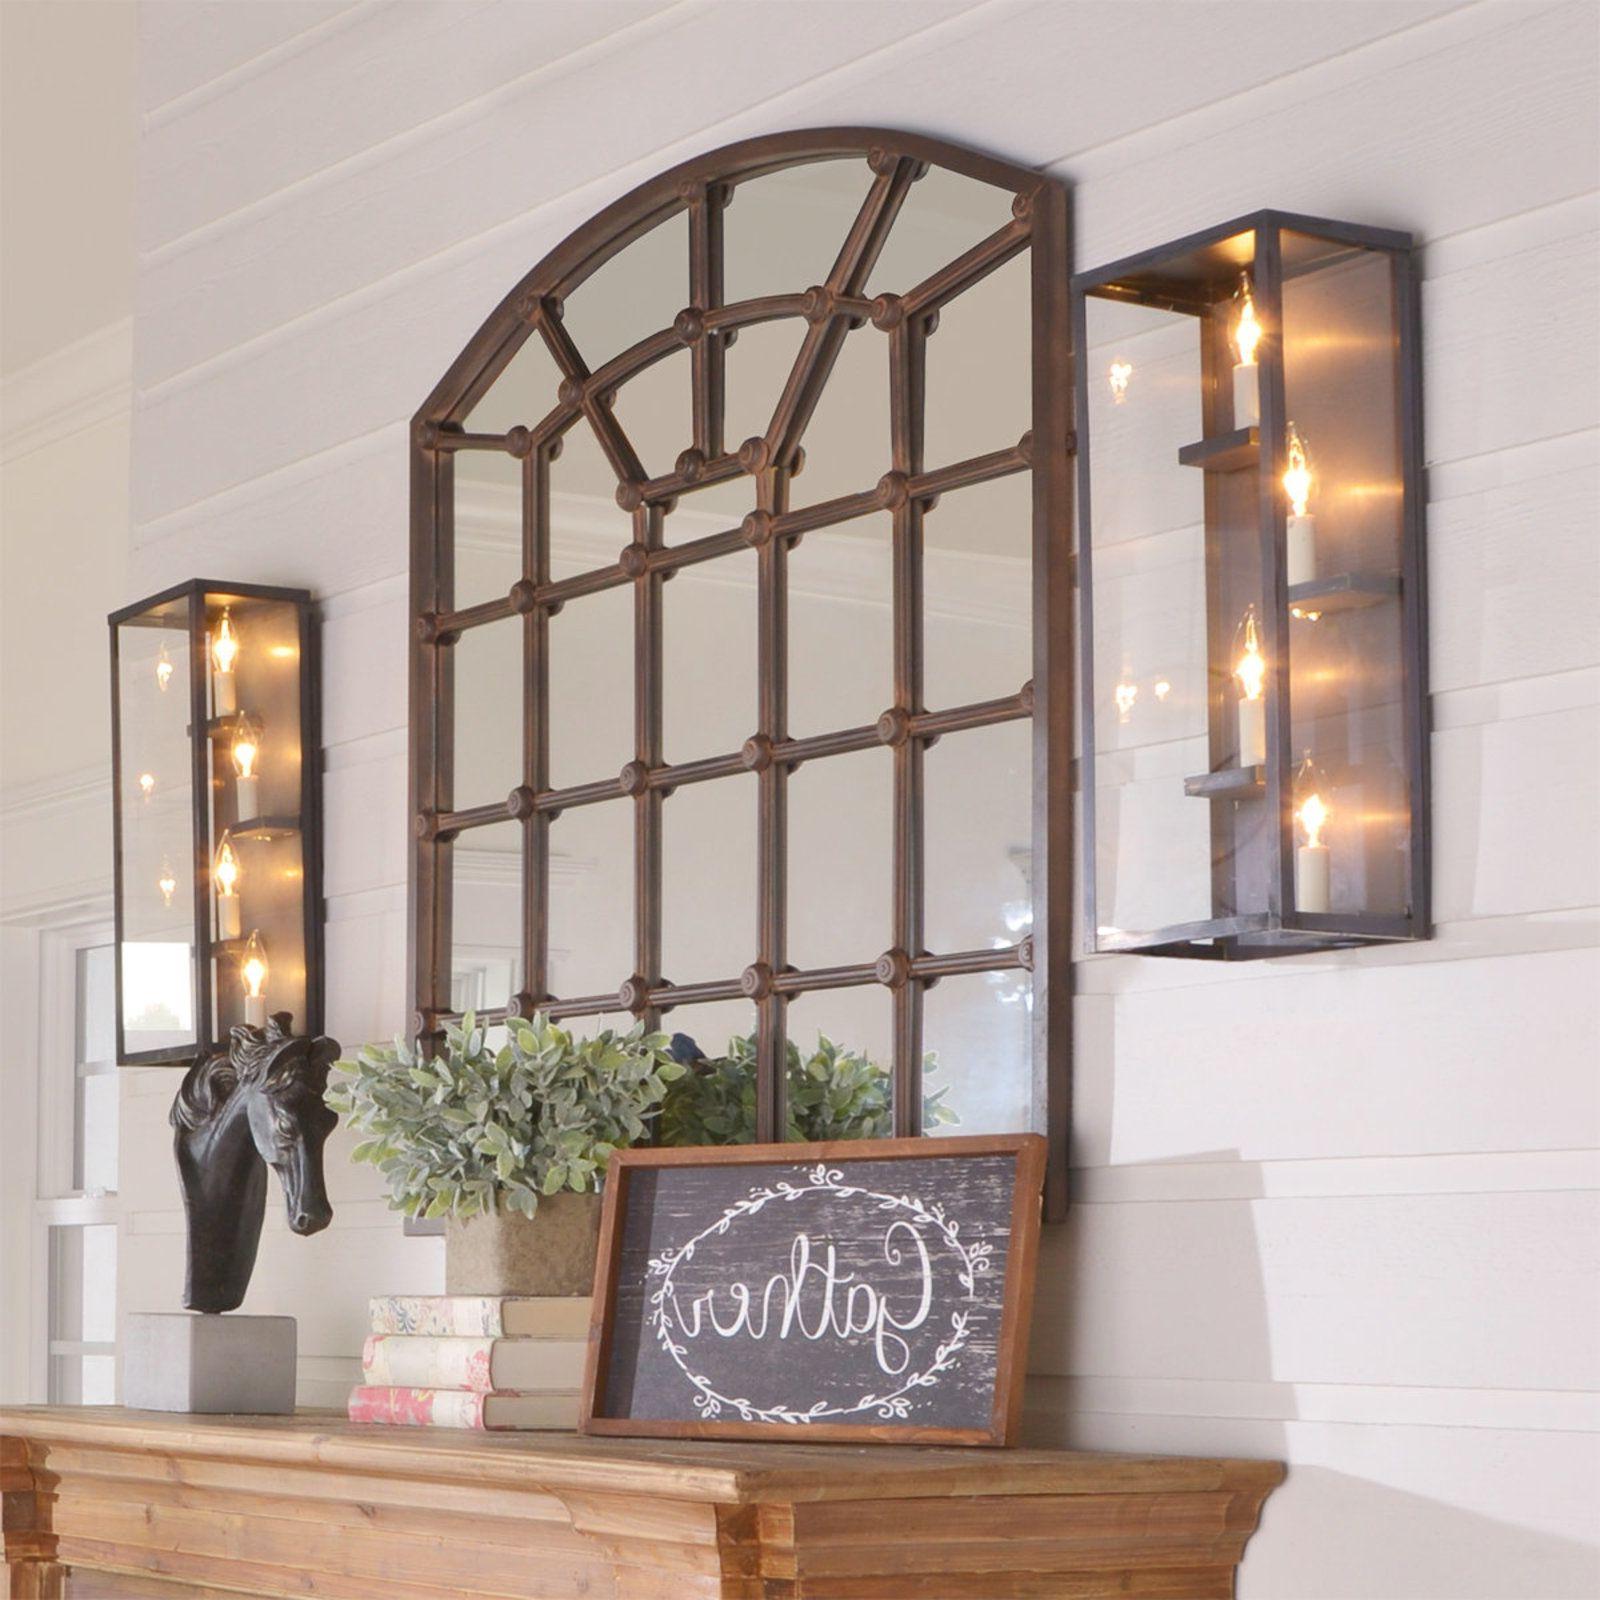 Outdoor Lighting, Mirror, Floor Decor (Gallery 10 of 20)